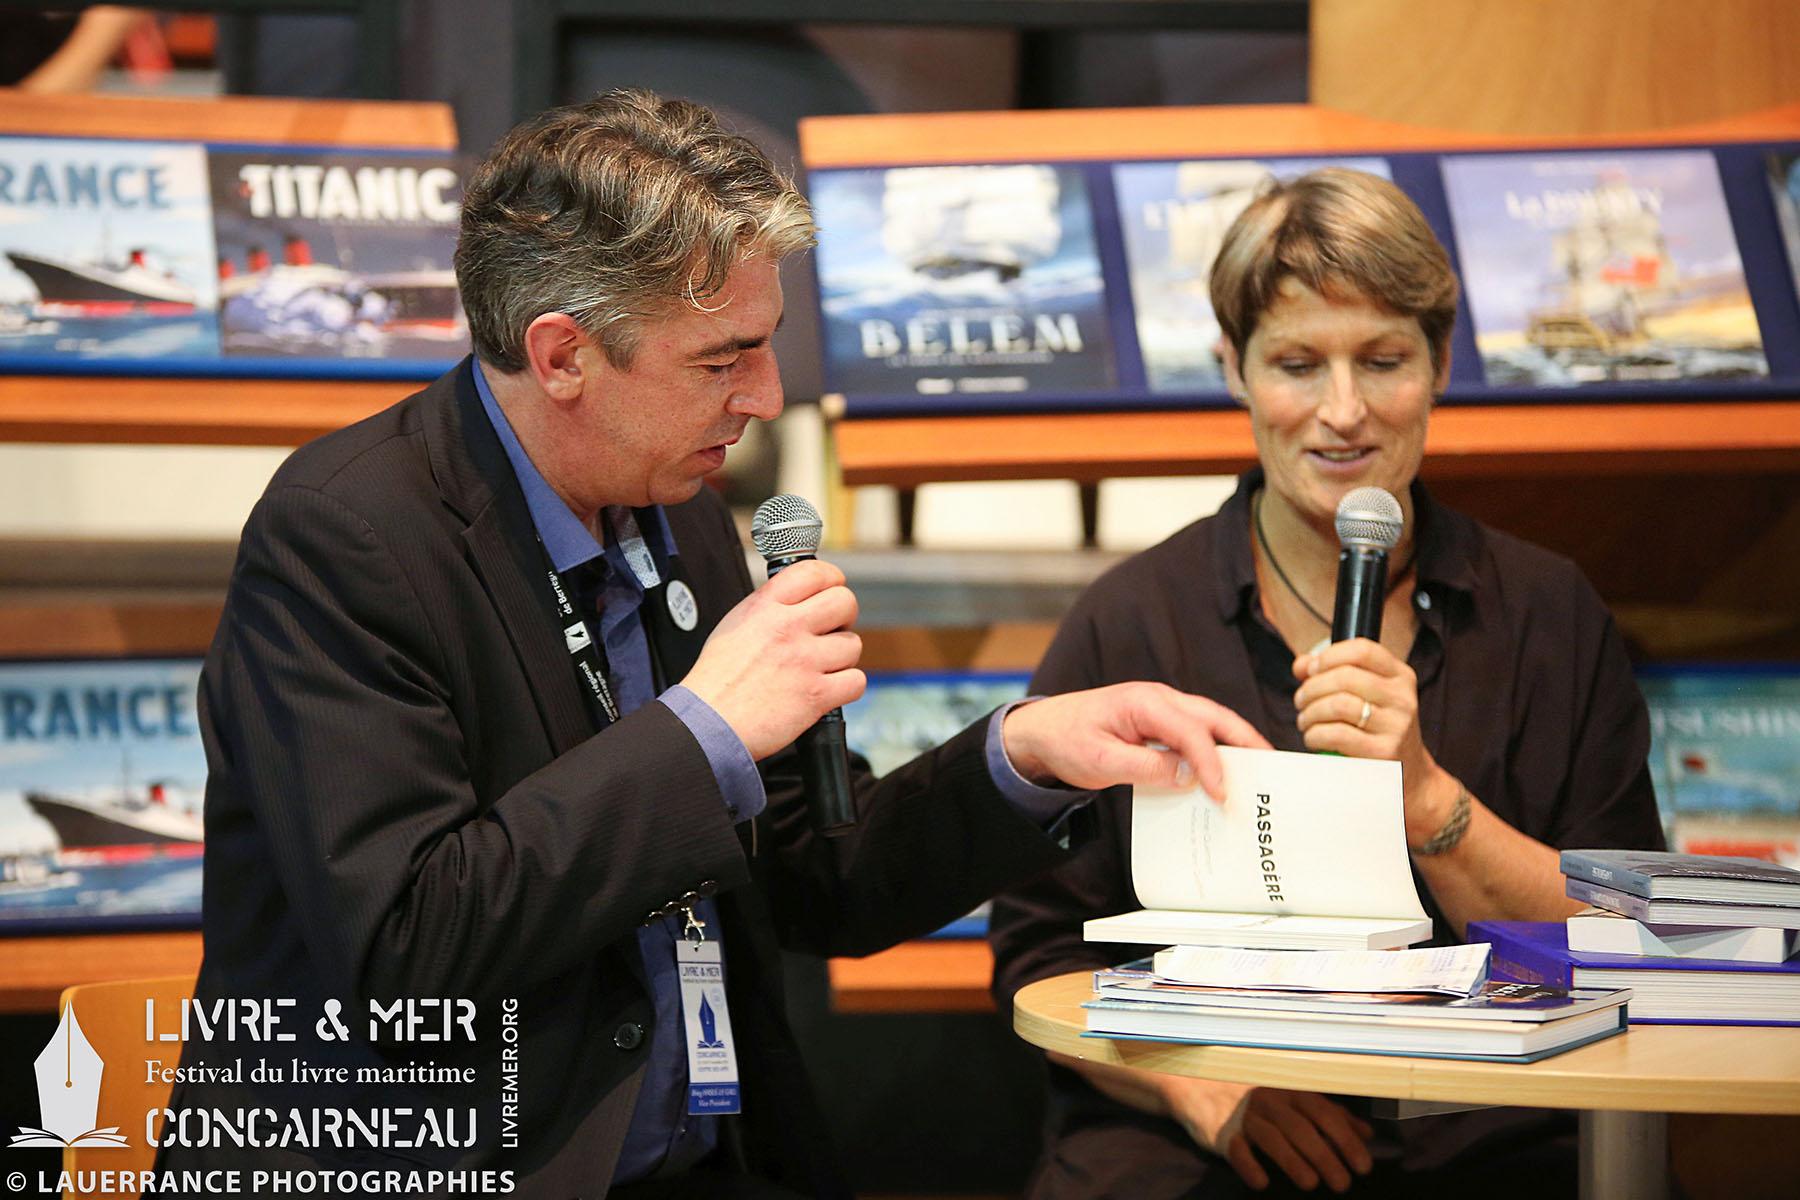 Brieg Haslé-Le Gall & Anne Quéméré © Lauerrance Photographies